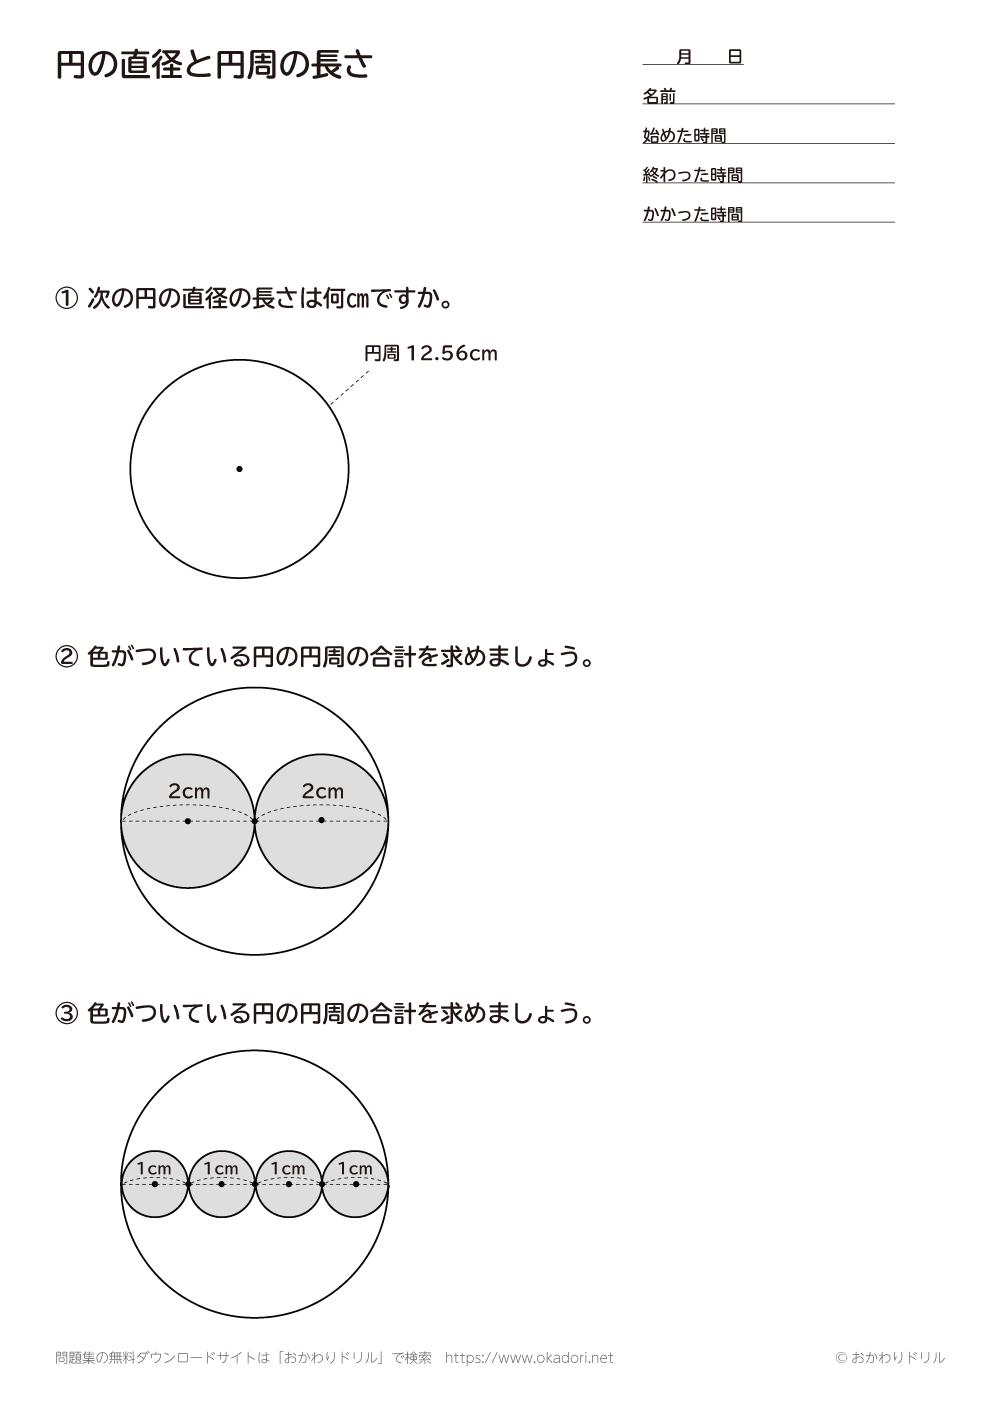 円の直径と円周の長さ5